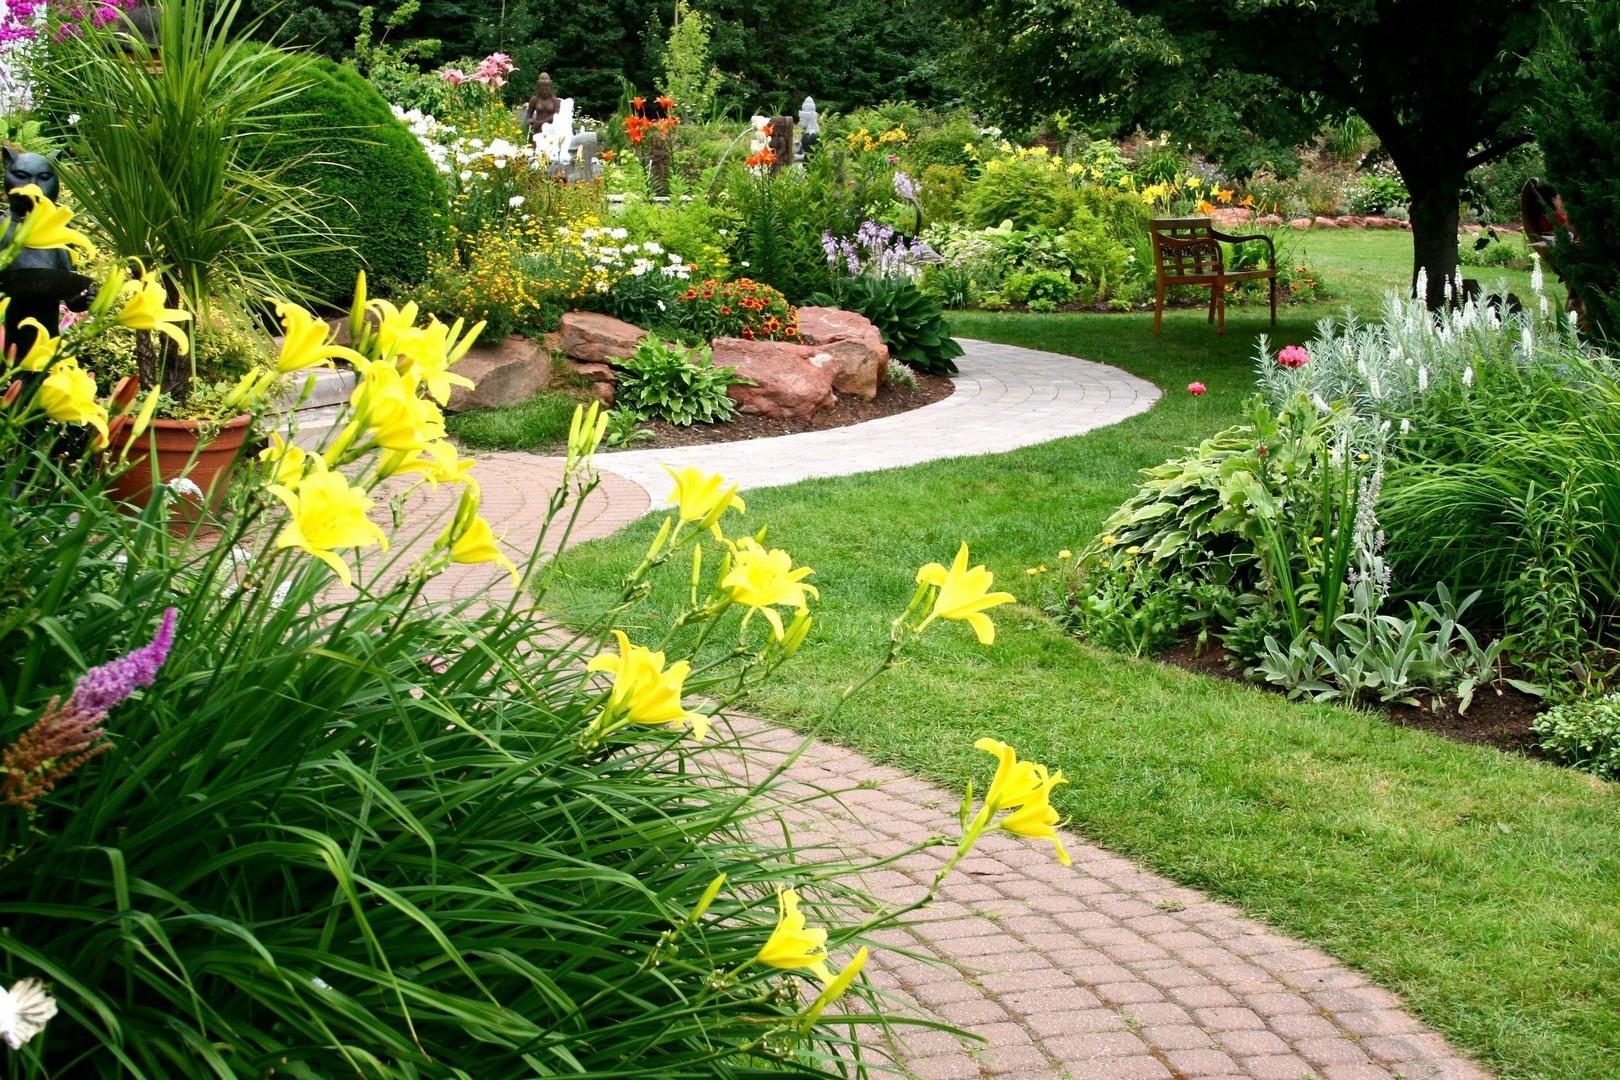 Fondos de pantalla de jardinería ae